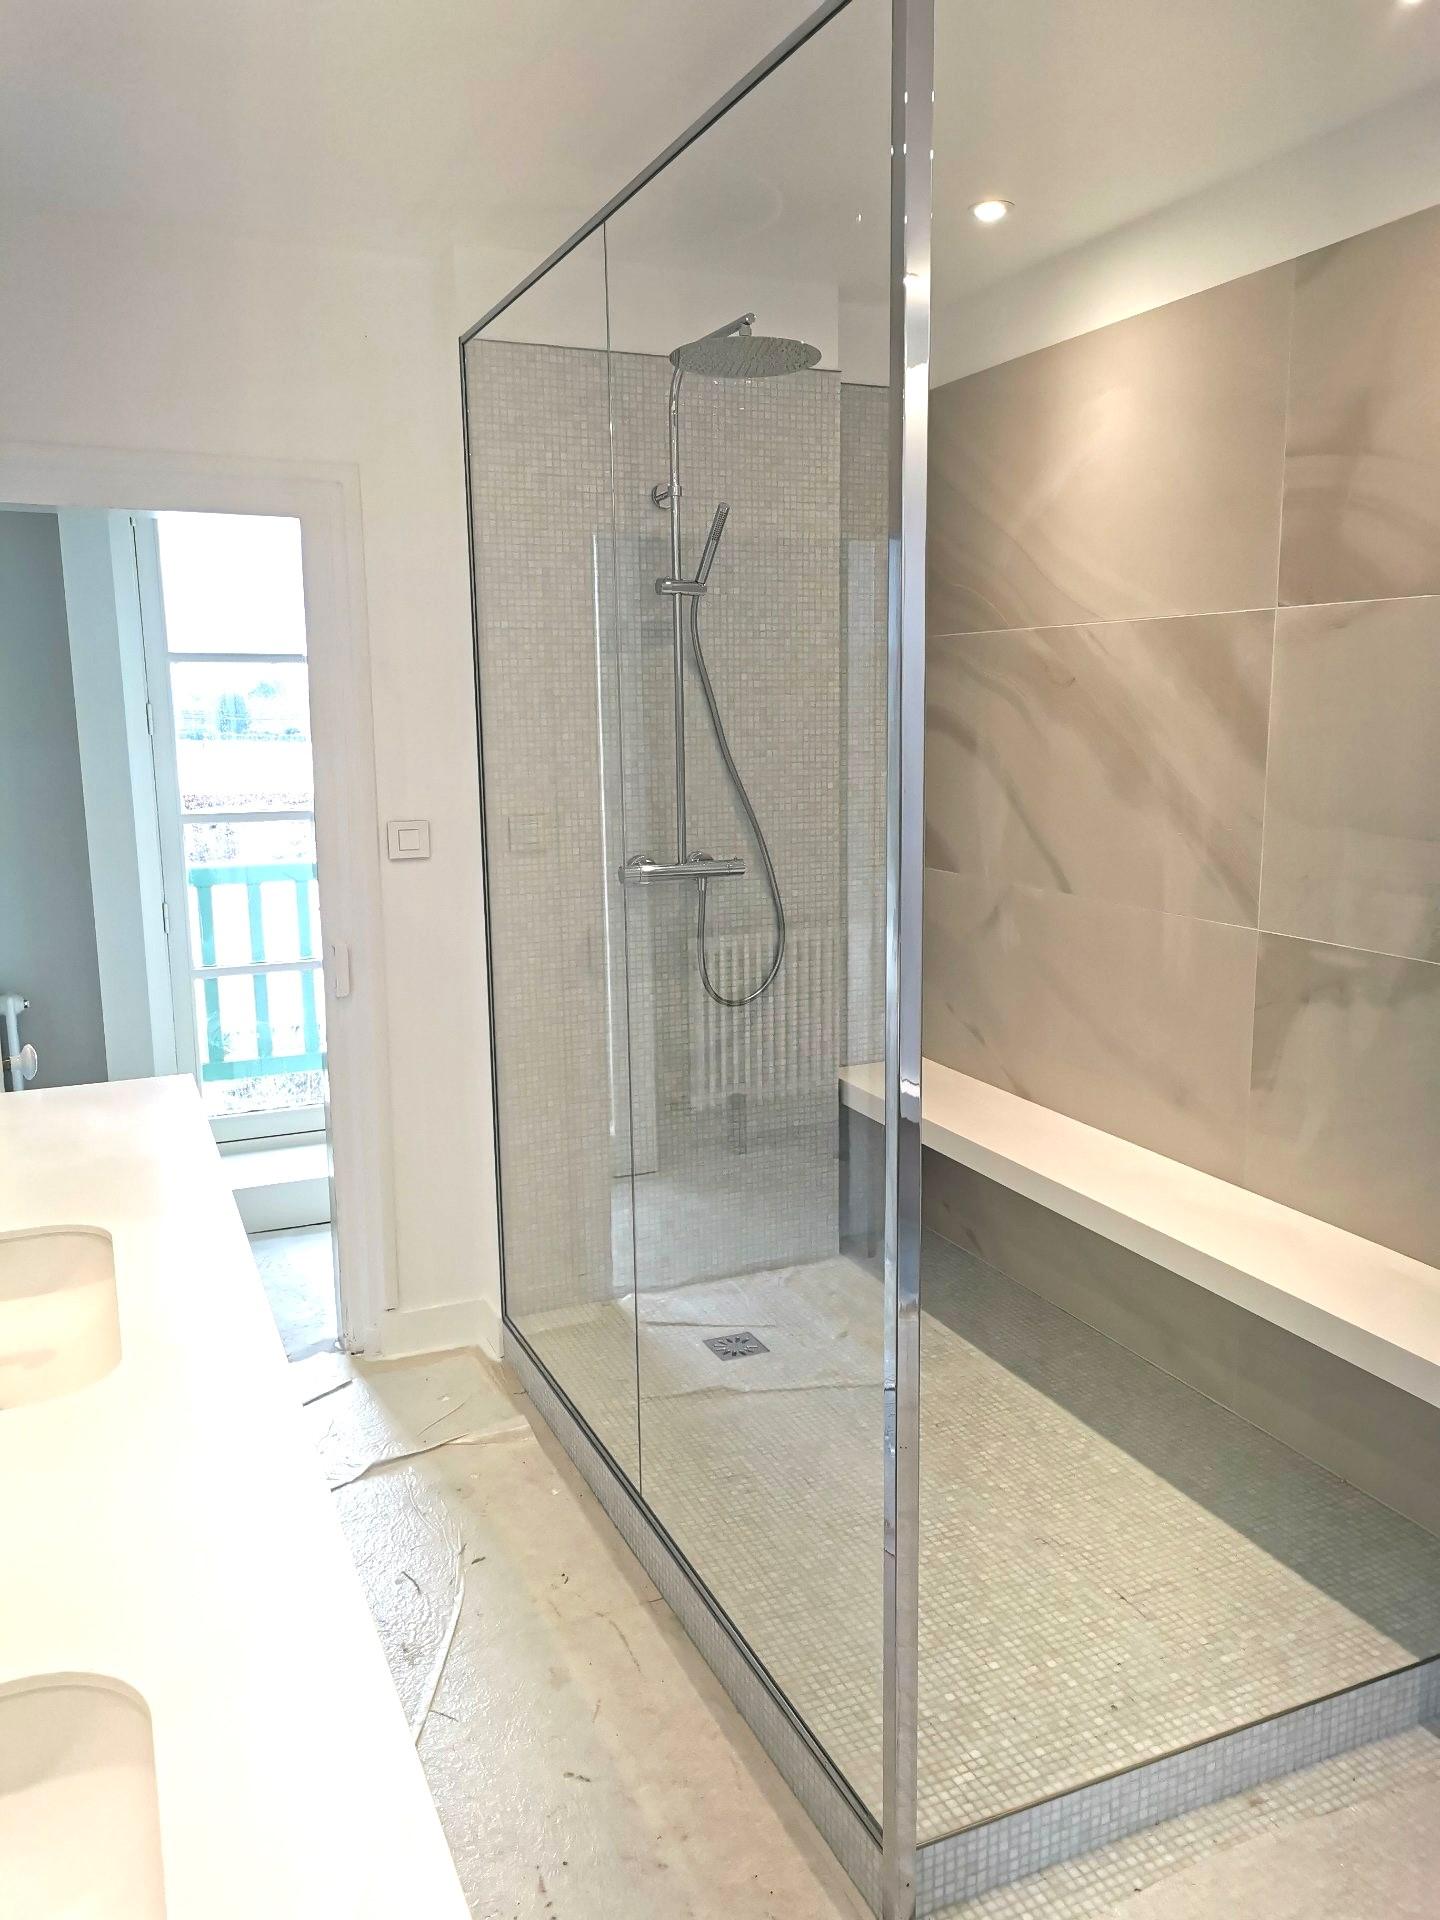 Paroi de douche sur mesure près de Rouen